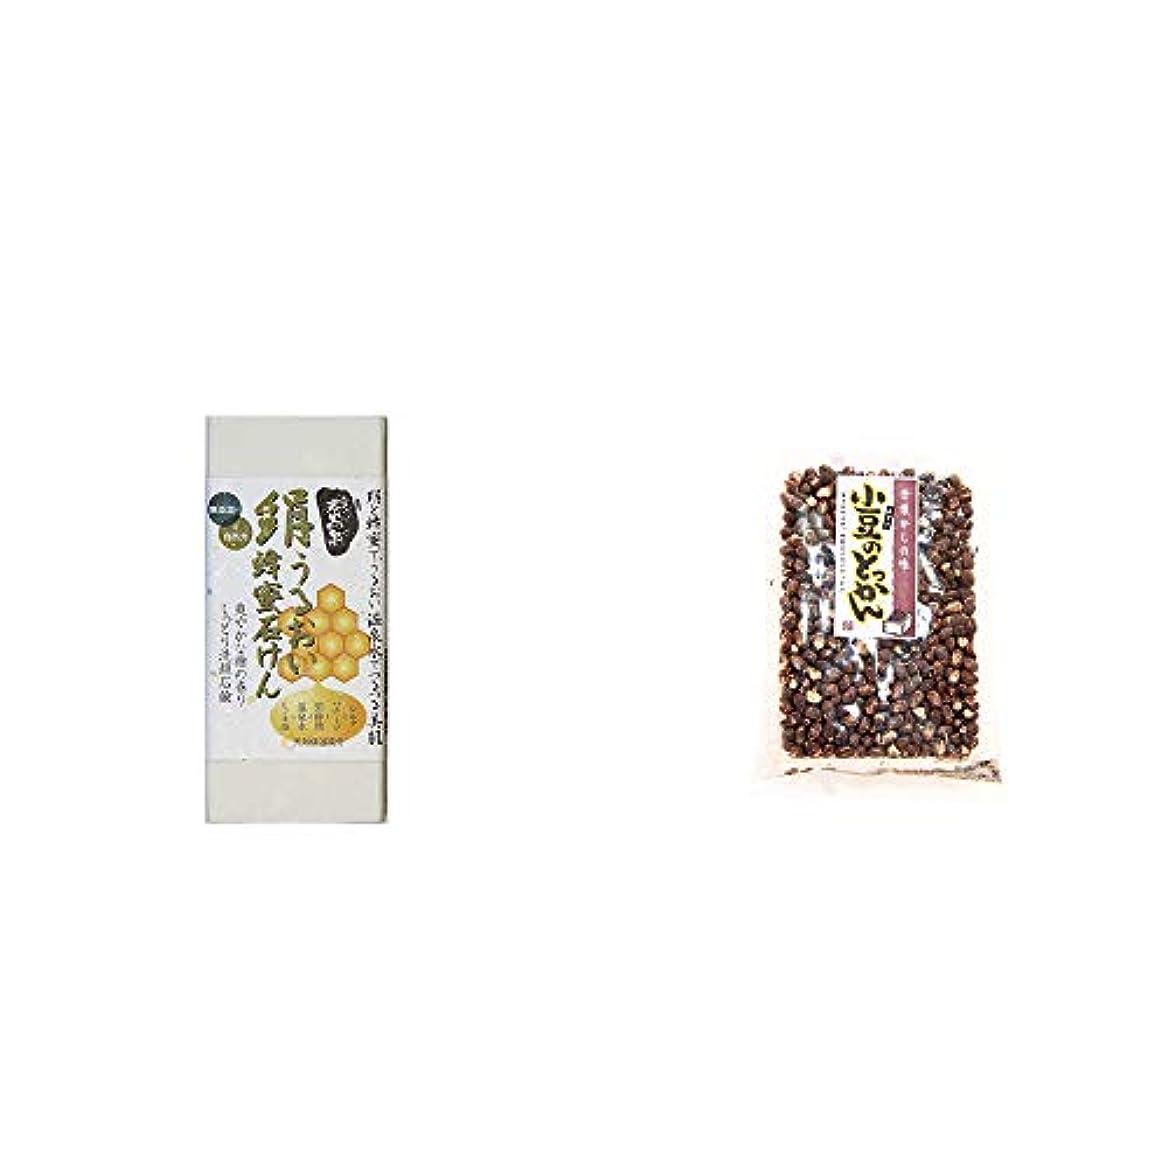 太陽たぶん寛容な[2点セット] ひのき炭黒泉 絹うるおい蜂蜜石けん(75g×2)?小豆のとっかん(150g)